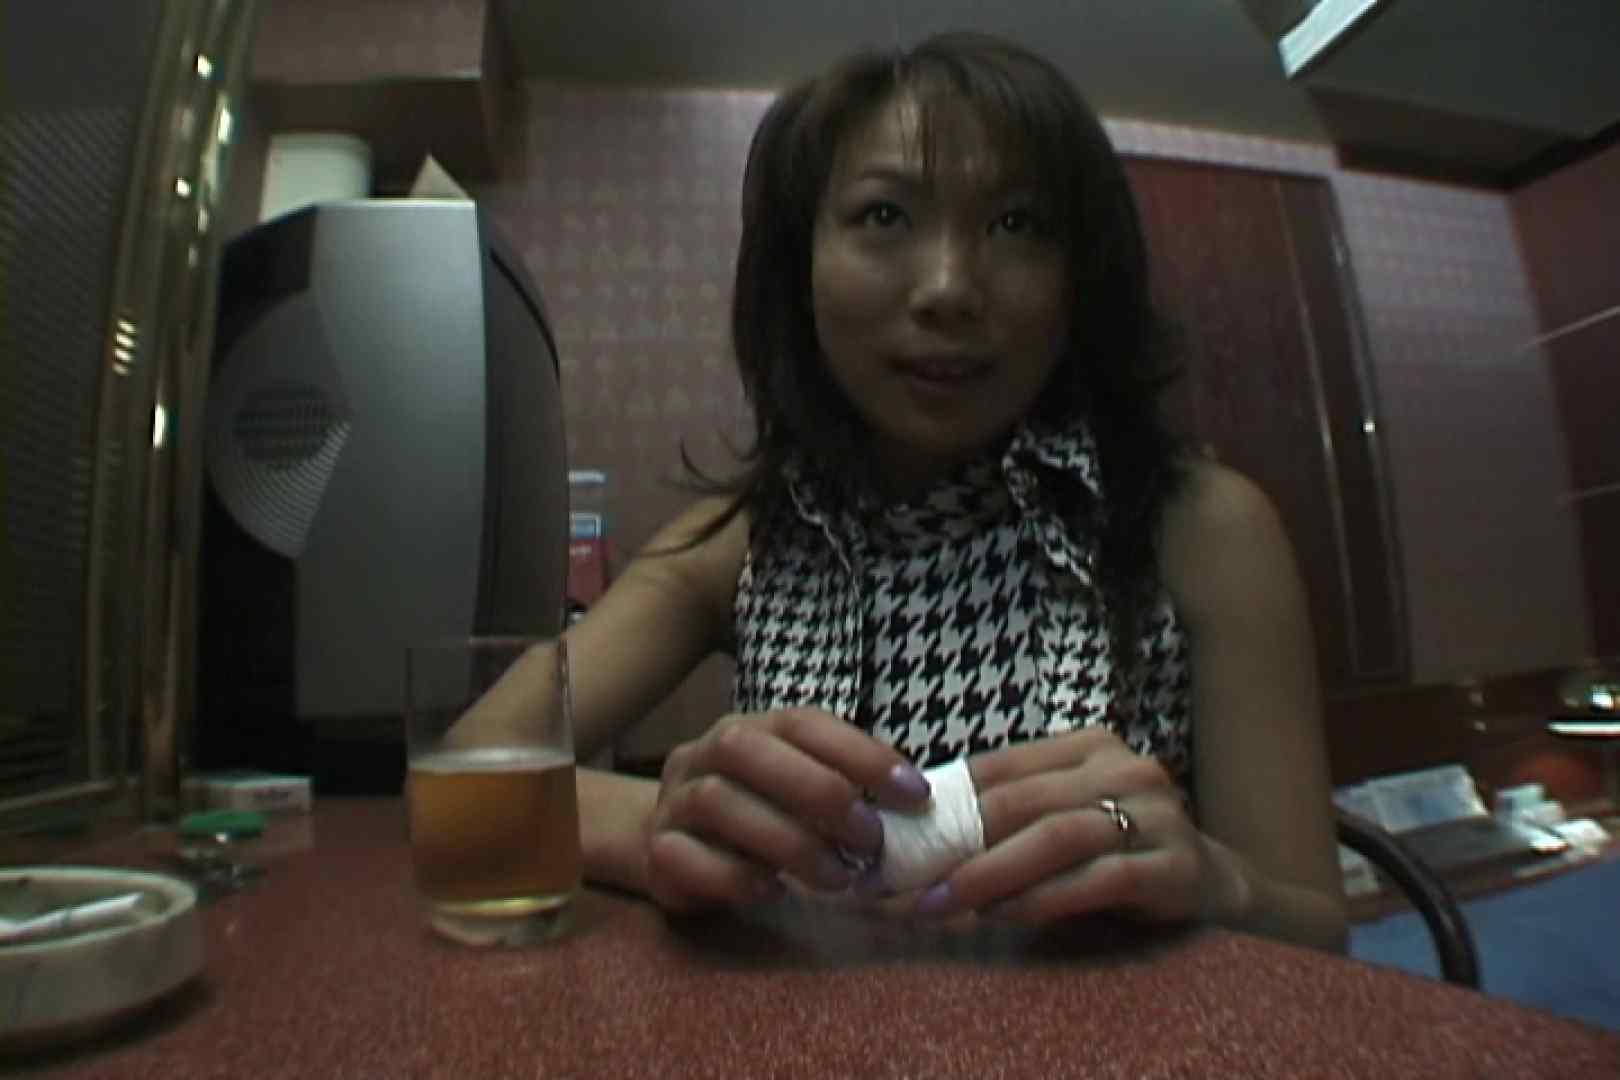 旦那との愛よりも、愛人とのSEX~片瀬梨子~vol,1 OLのエッチ 濡れ場動画紹介 107pic 16